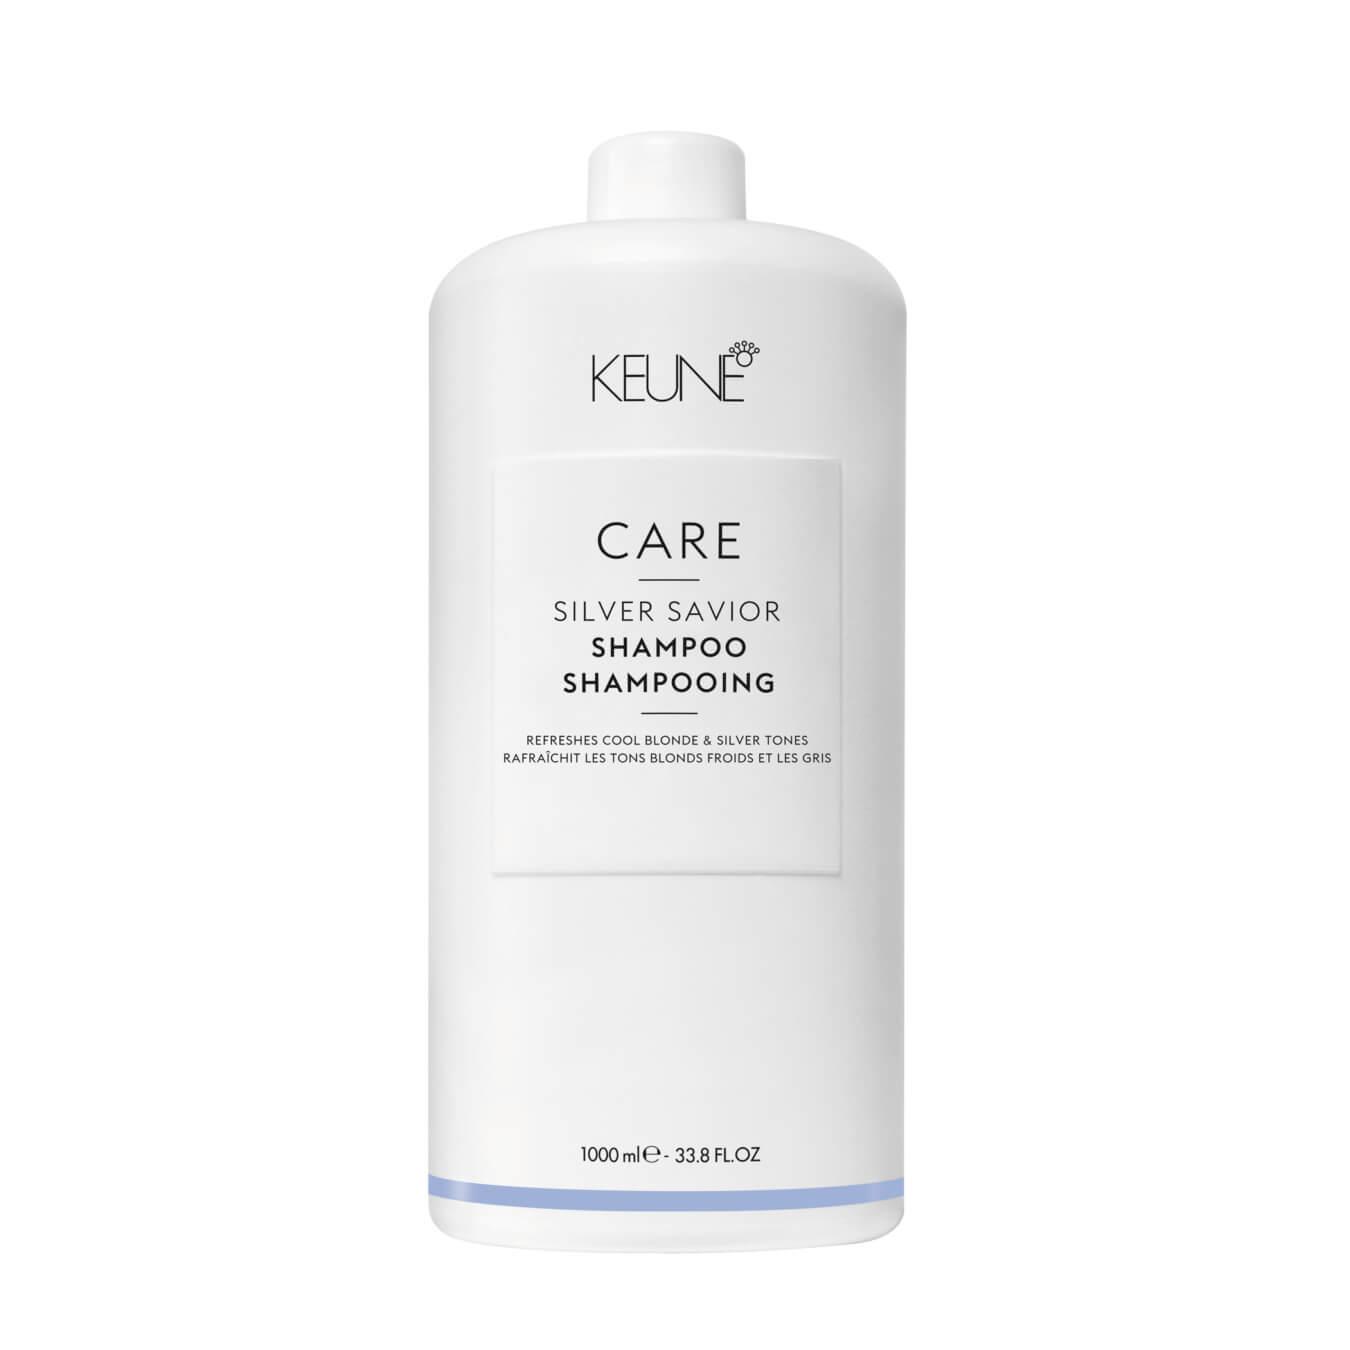 Kauf Keune Care Silver Savior Shampoo 1000ml